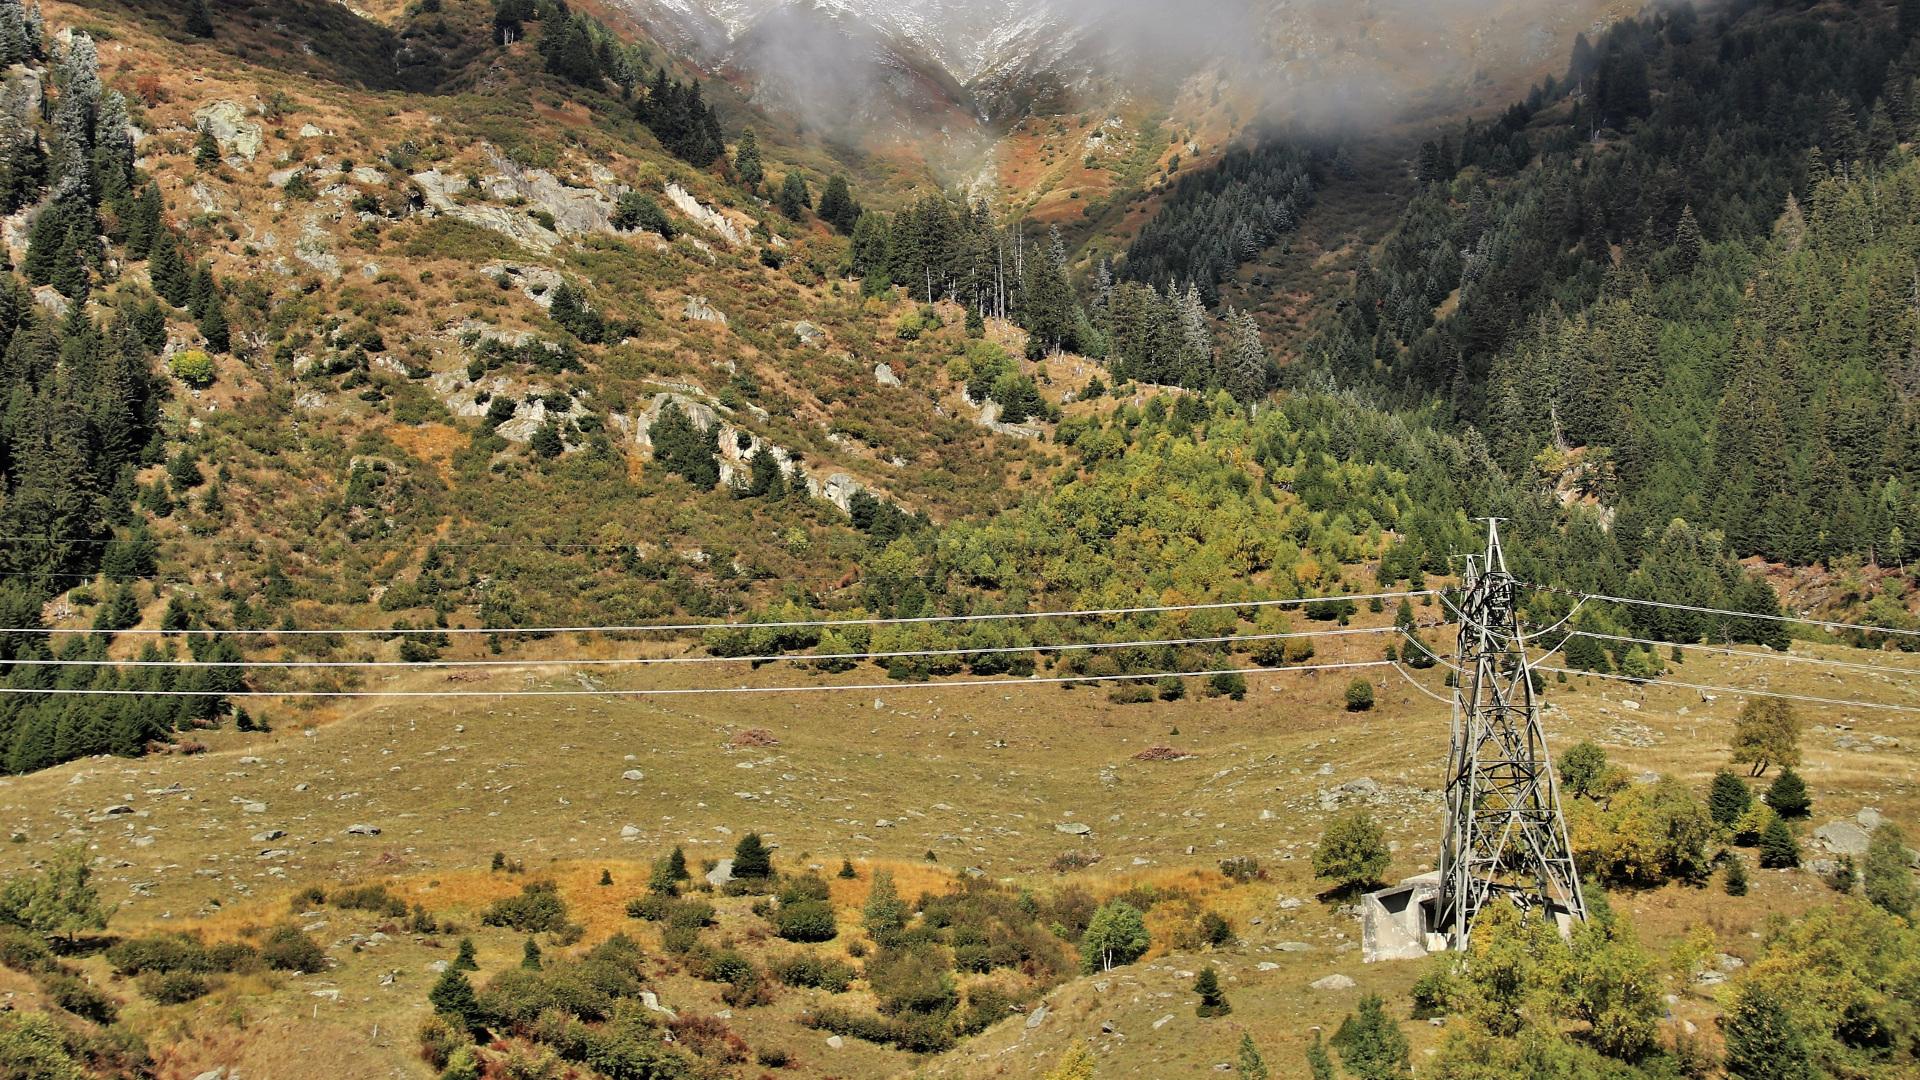 La Xunta pretende obligar a los propietarios a cortar el arbolado en los margenes de lineas electricas.1920